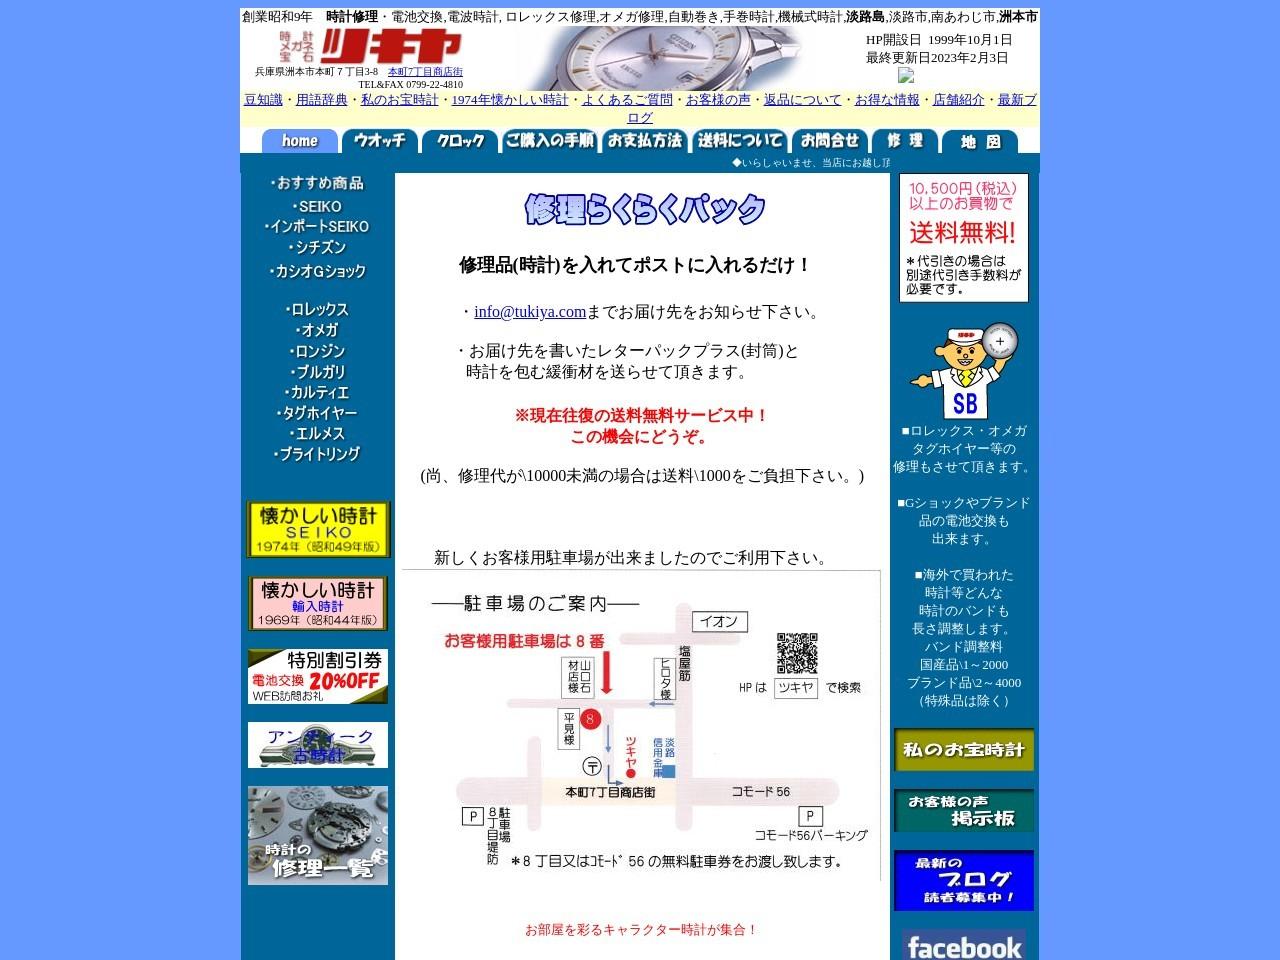 時計の修理 ツキヤ時計店(淡路島 洲本市)